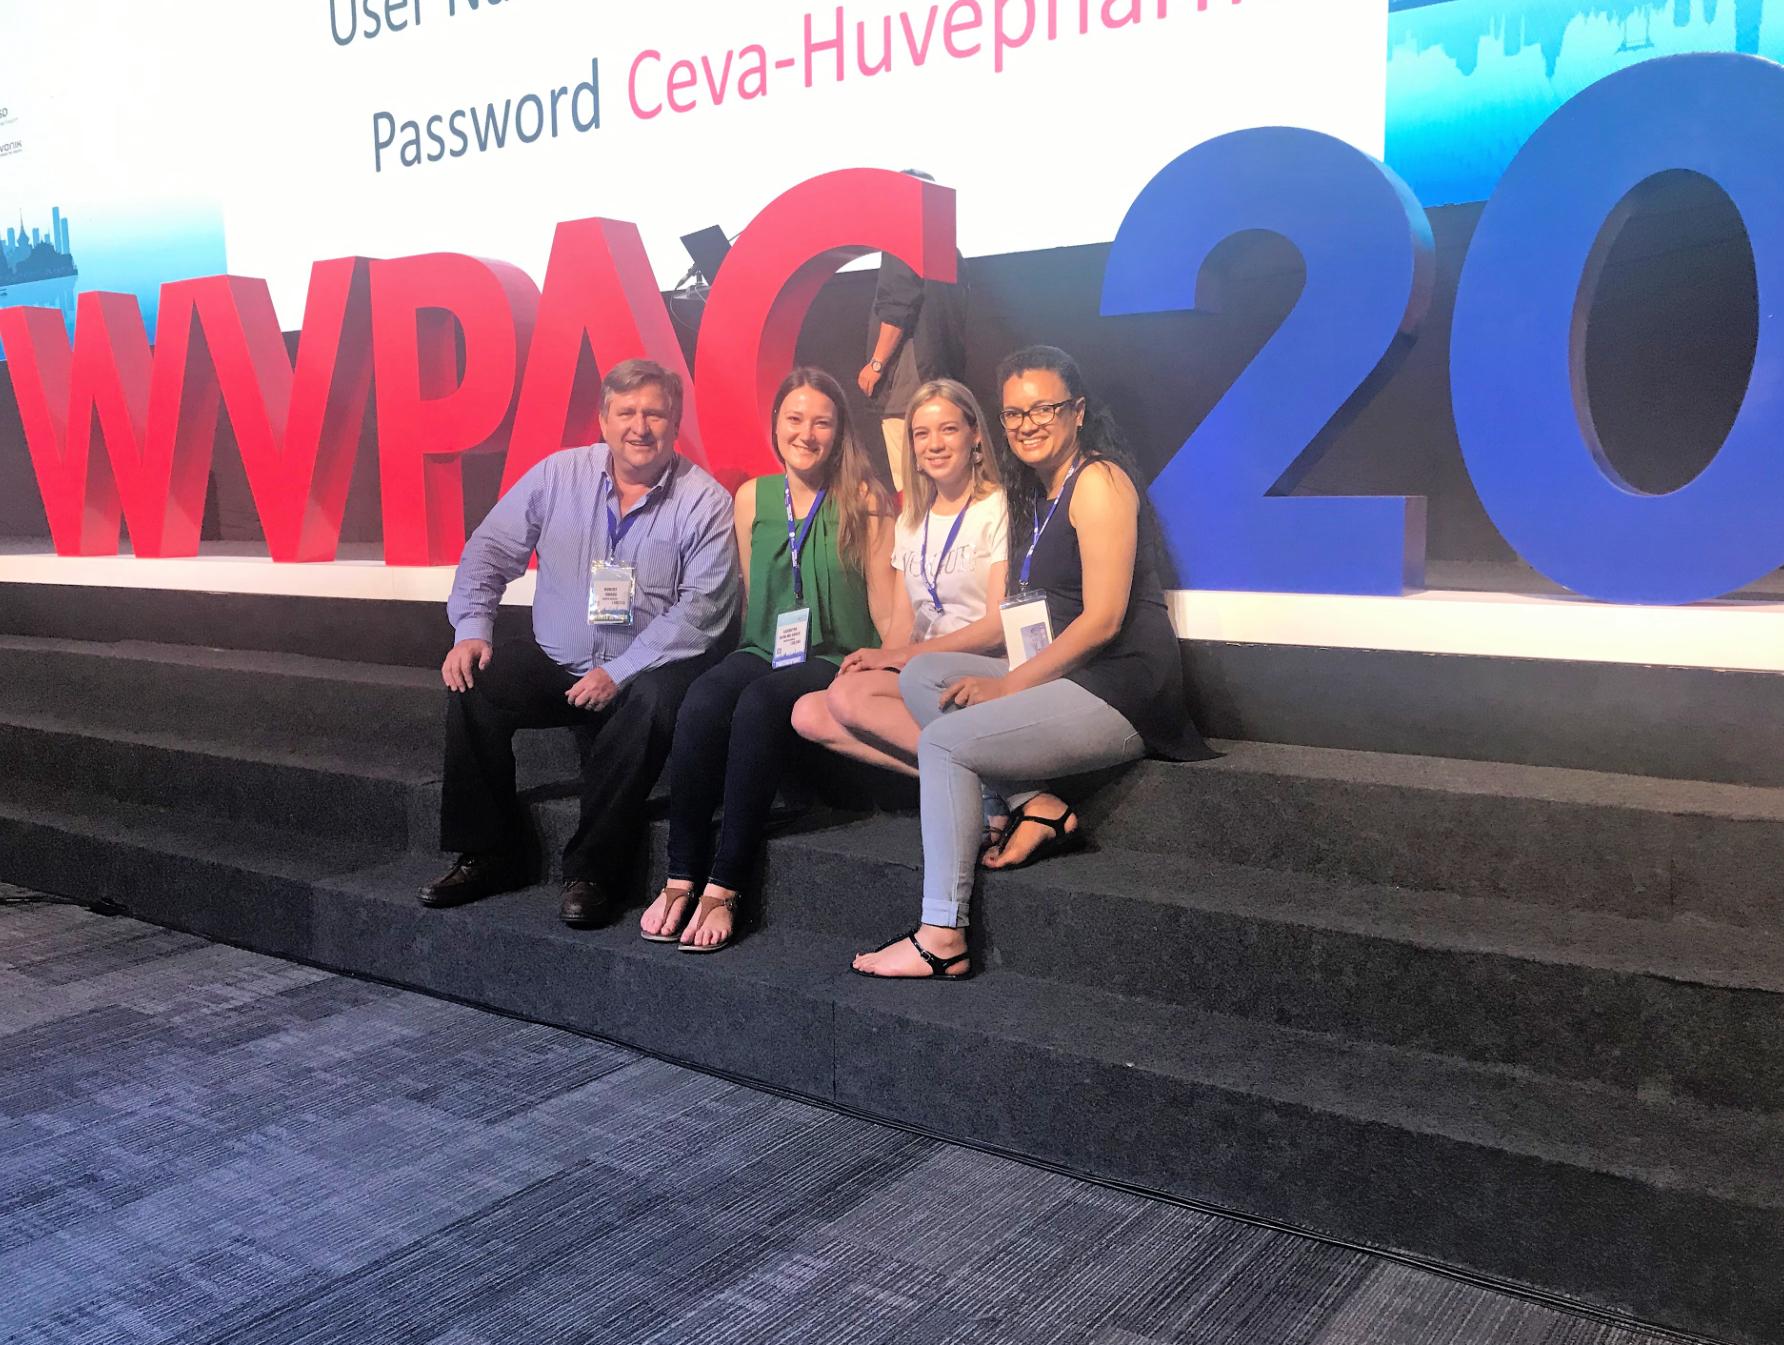 UFS Covid-19 vaccine research team